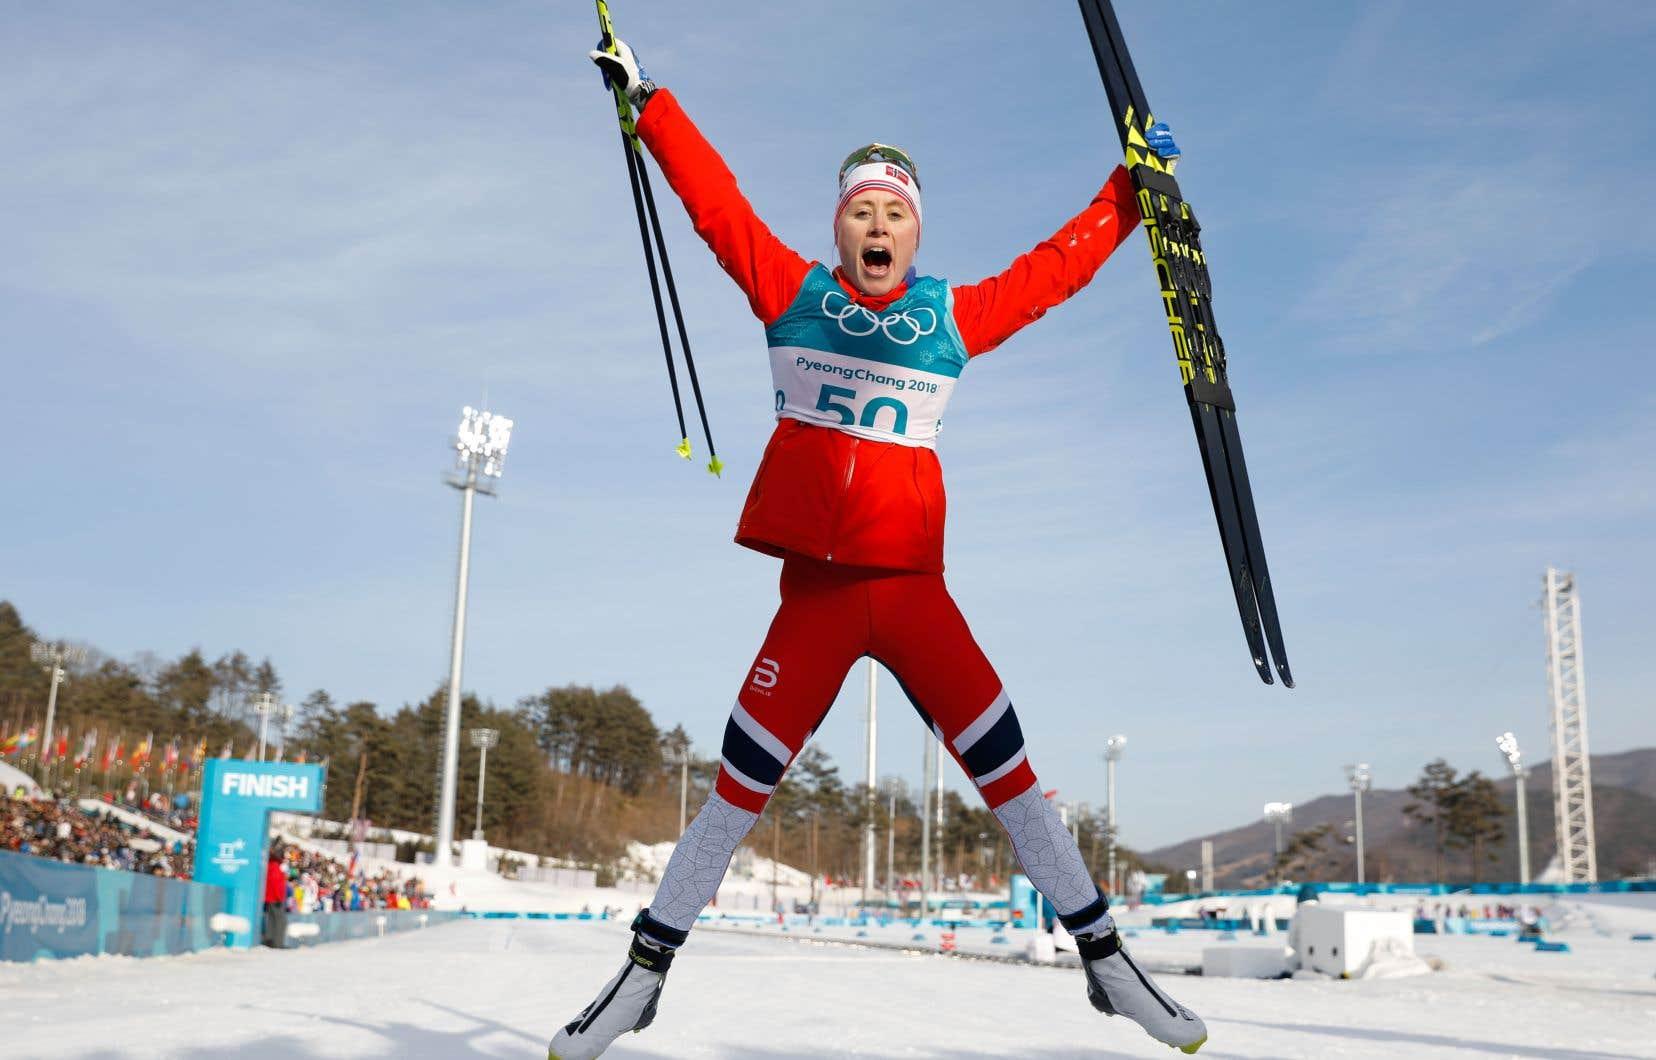 L'athlète norvégienne Ragnhild Haga, après avoir remporté l'or en ski de fond au 10 km libre femmes la semaine dernière